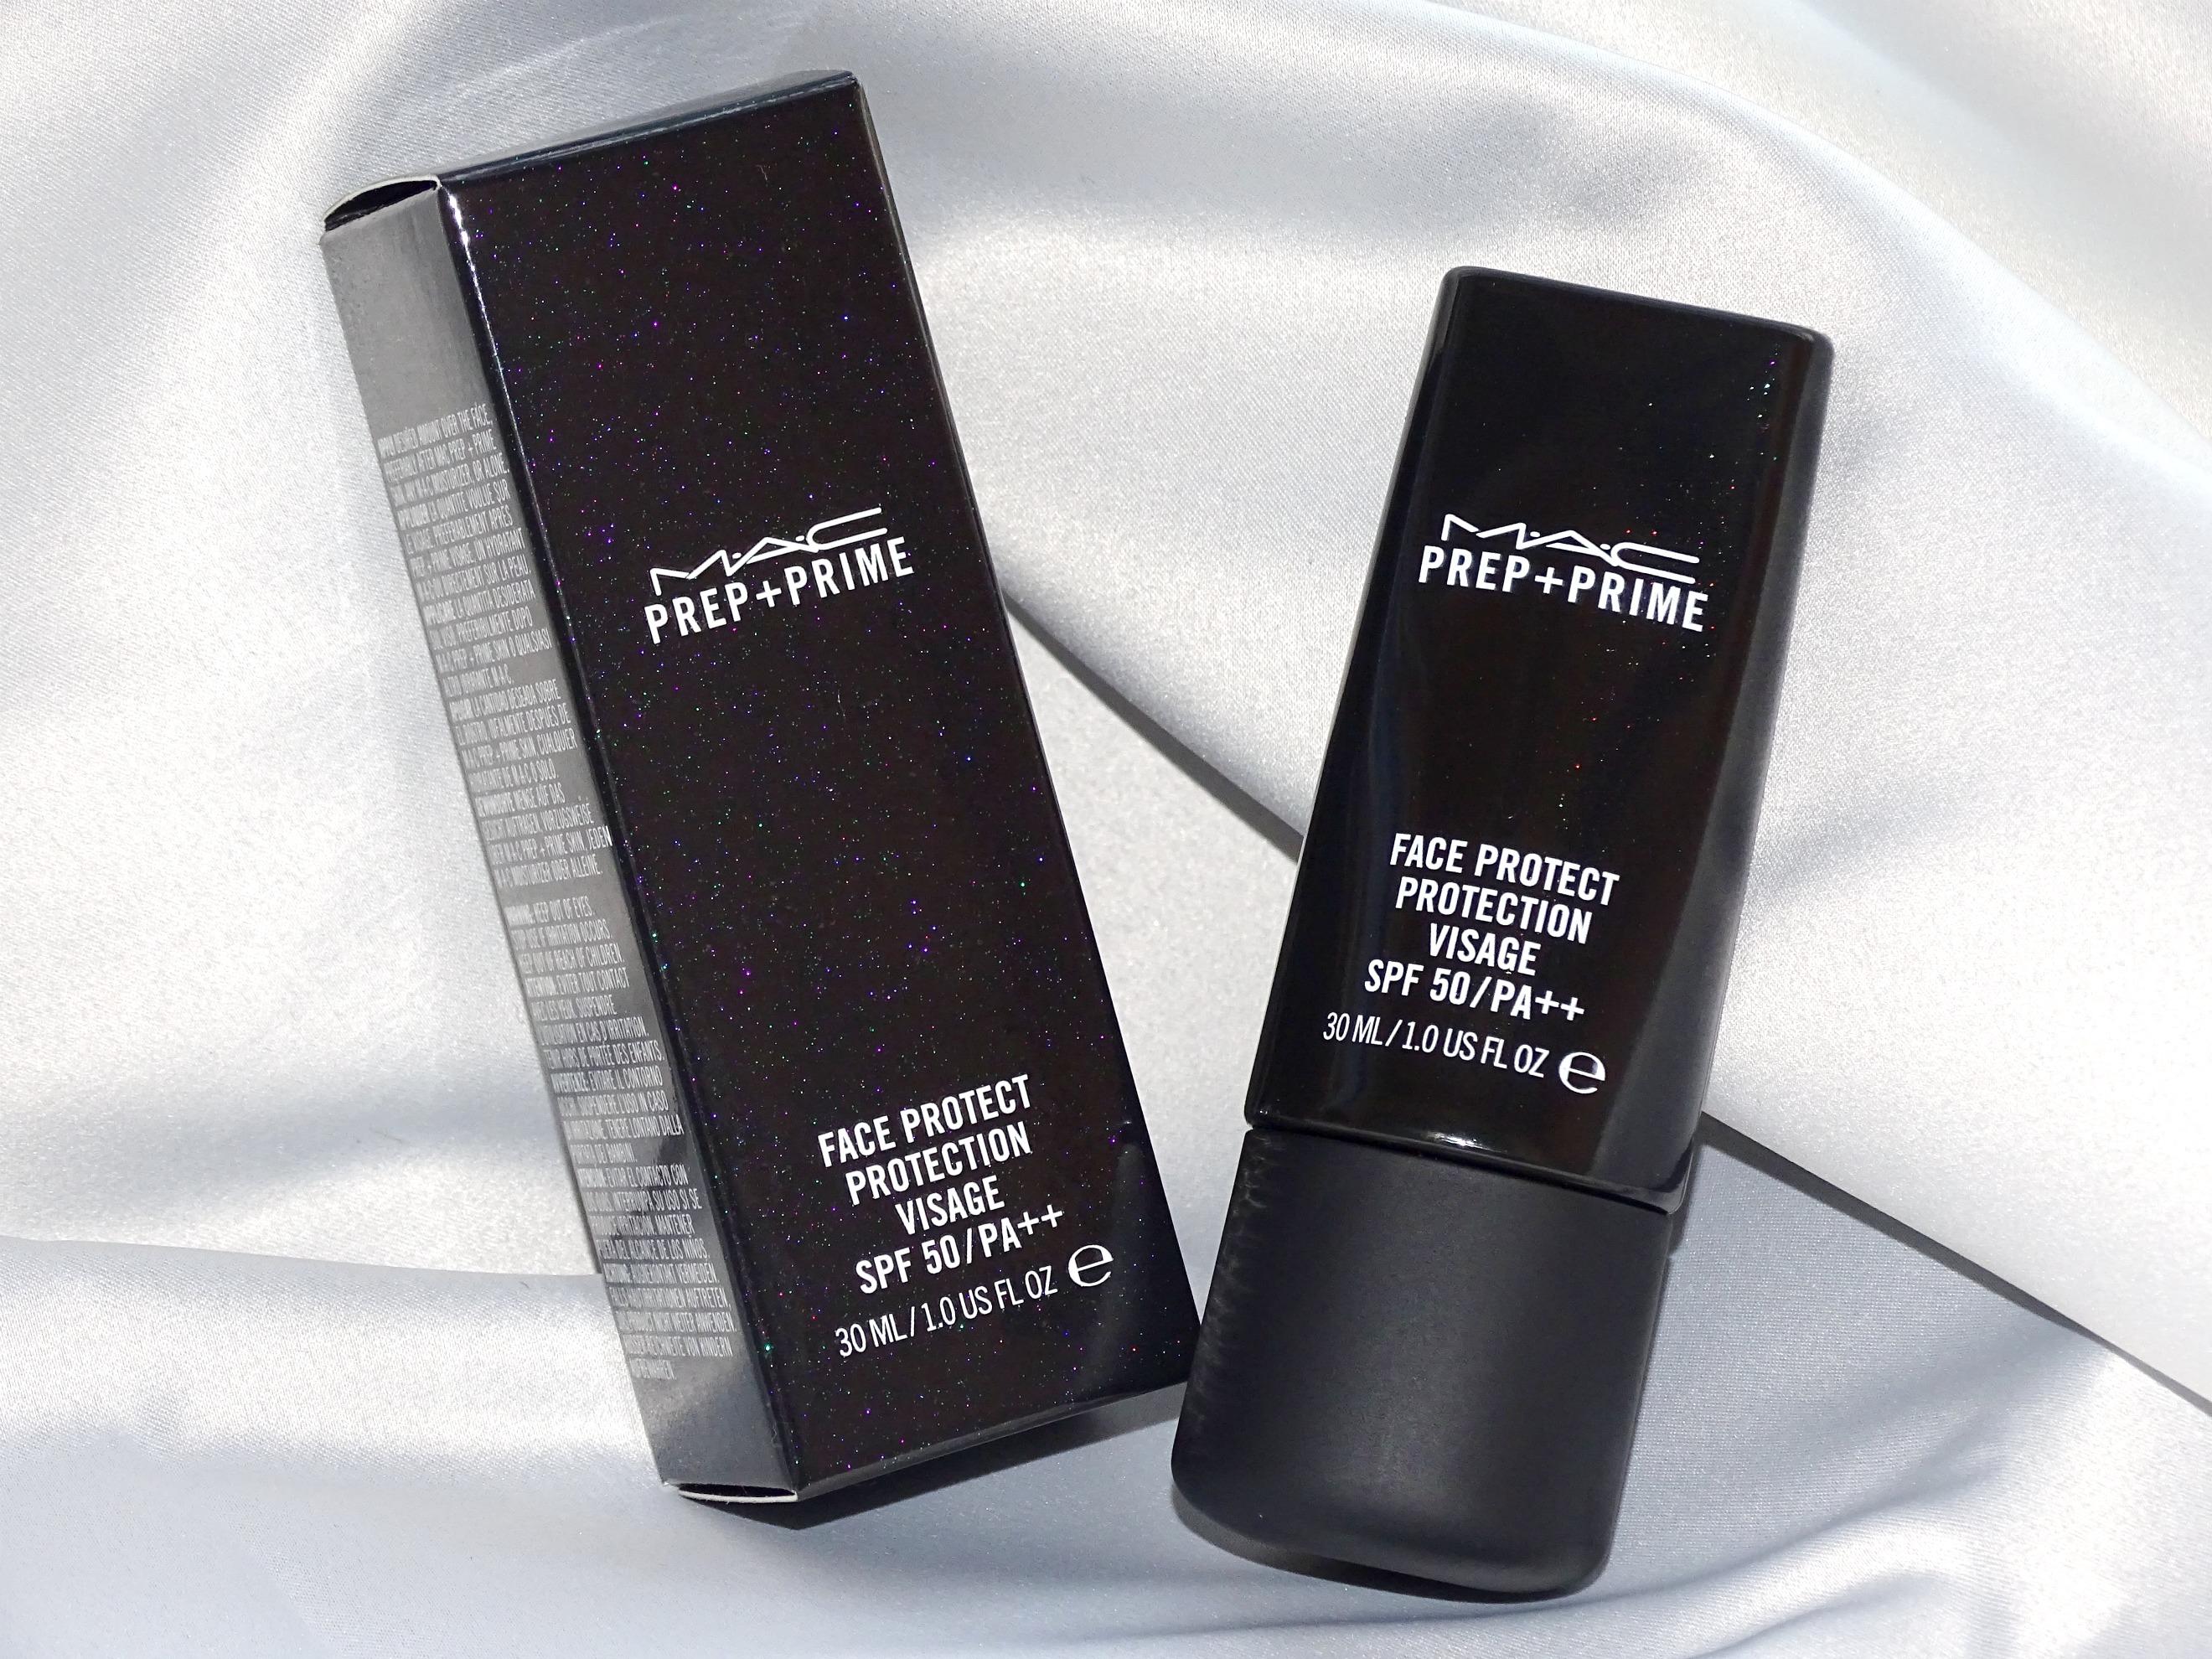 Protecção de verão: MAC, base de maquilhagem e filtro SPF 50, Protector da Cara Prep + Prime